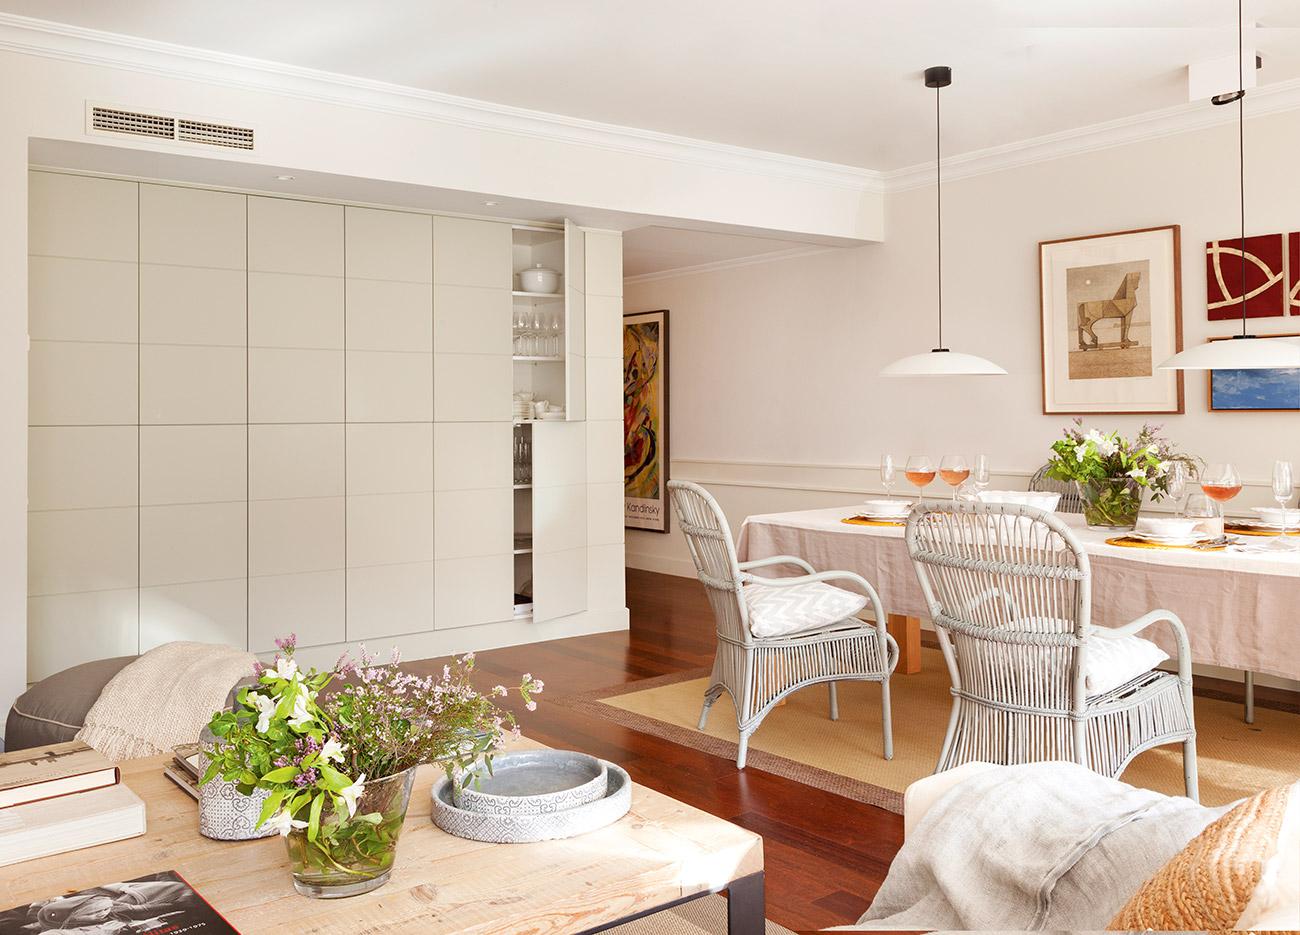 Ideas para aprovechar al m ximo el espacio de un piso peque o for Muebleria el mueble